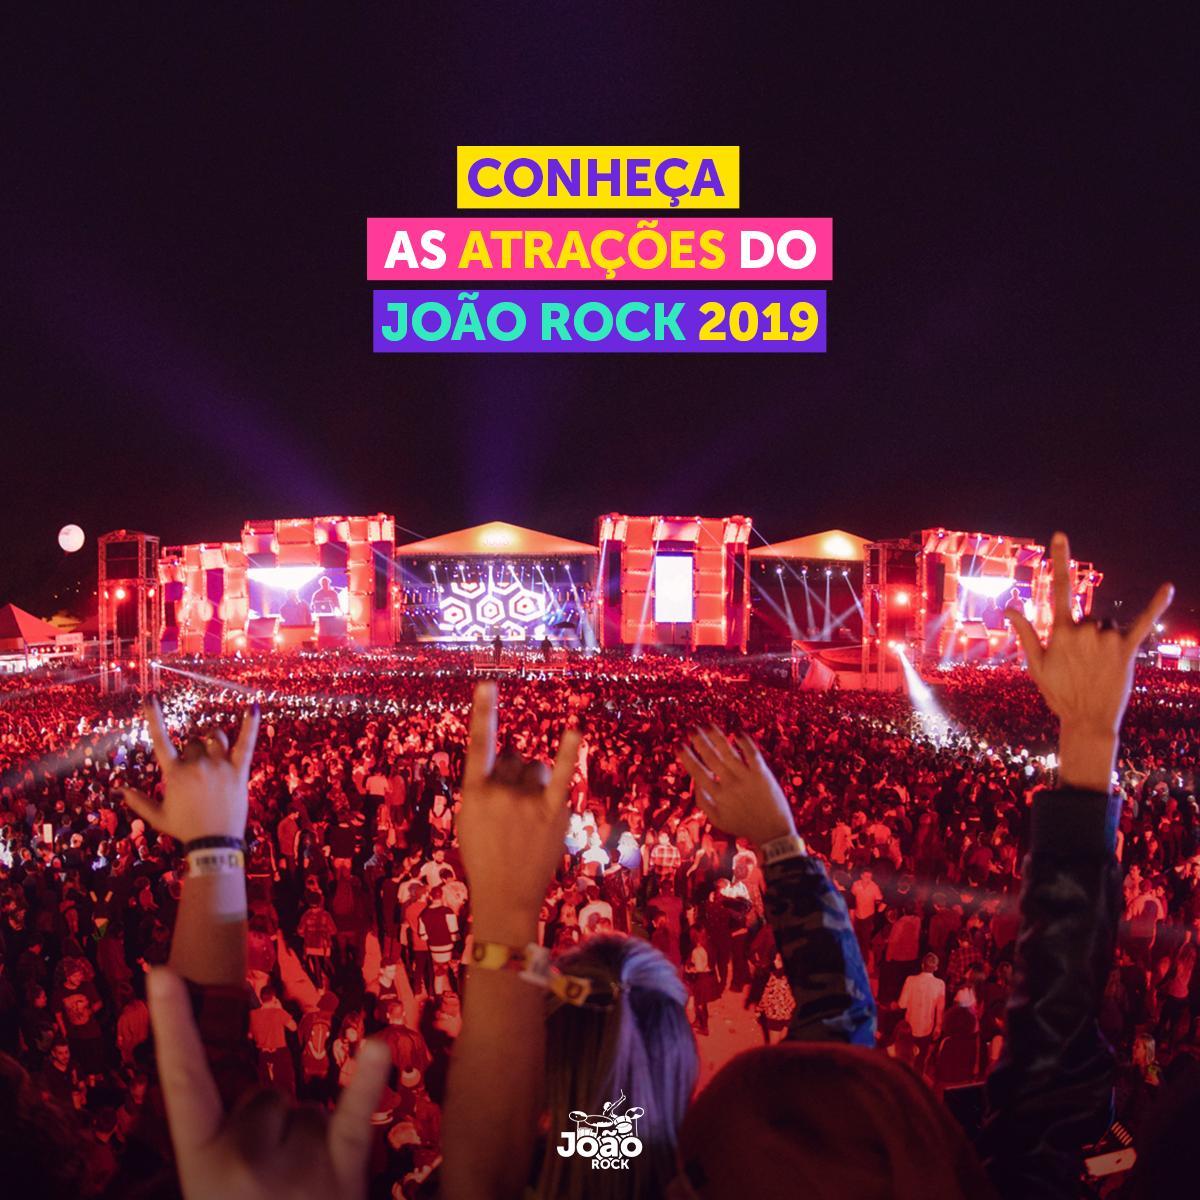 Acompanhe AO VIVO o lançamento das atrações do #JoãoRock 2019: https://t.co/J9502E9H1f https://t.co/Q9JRSYRUiB